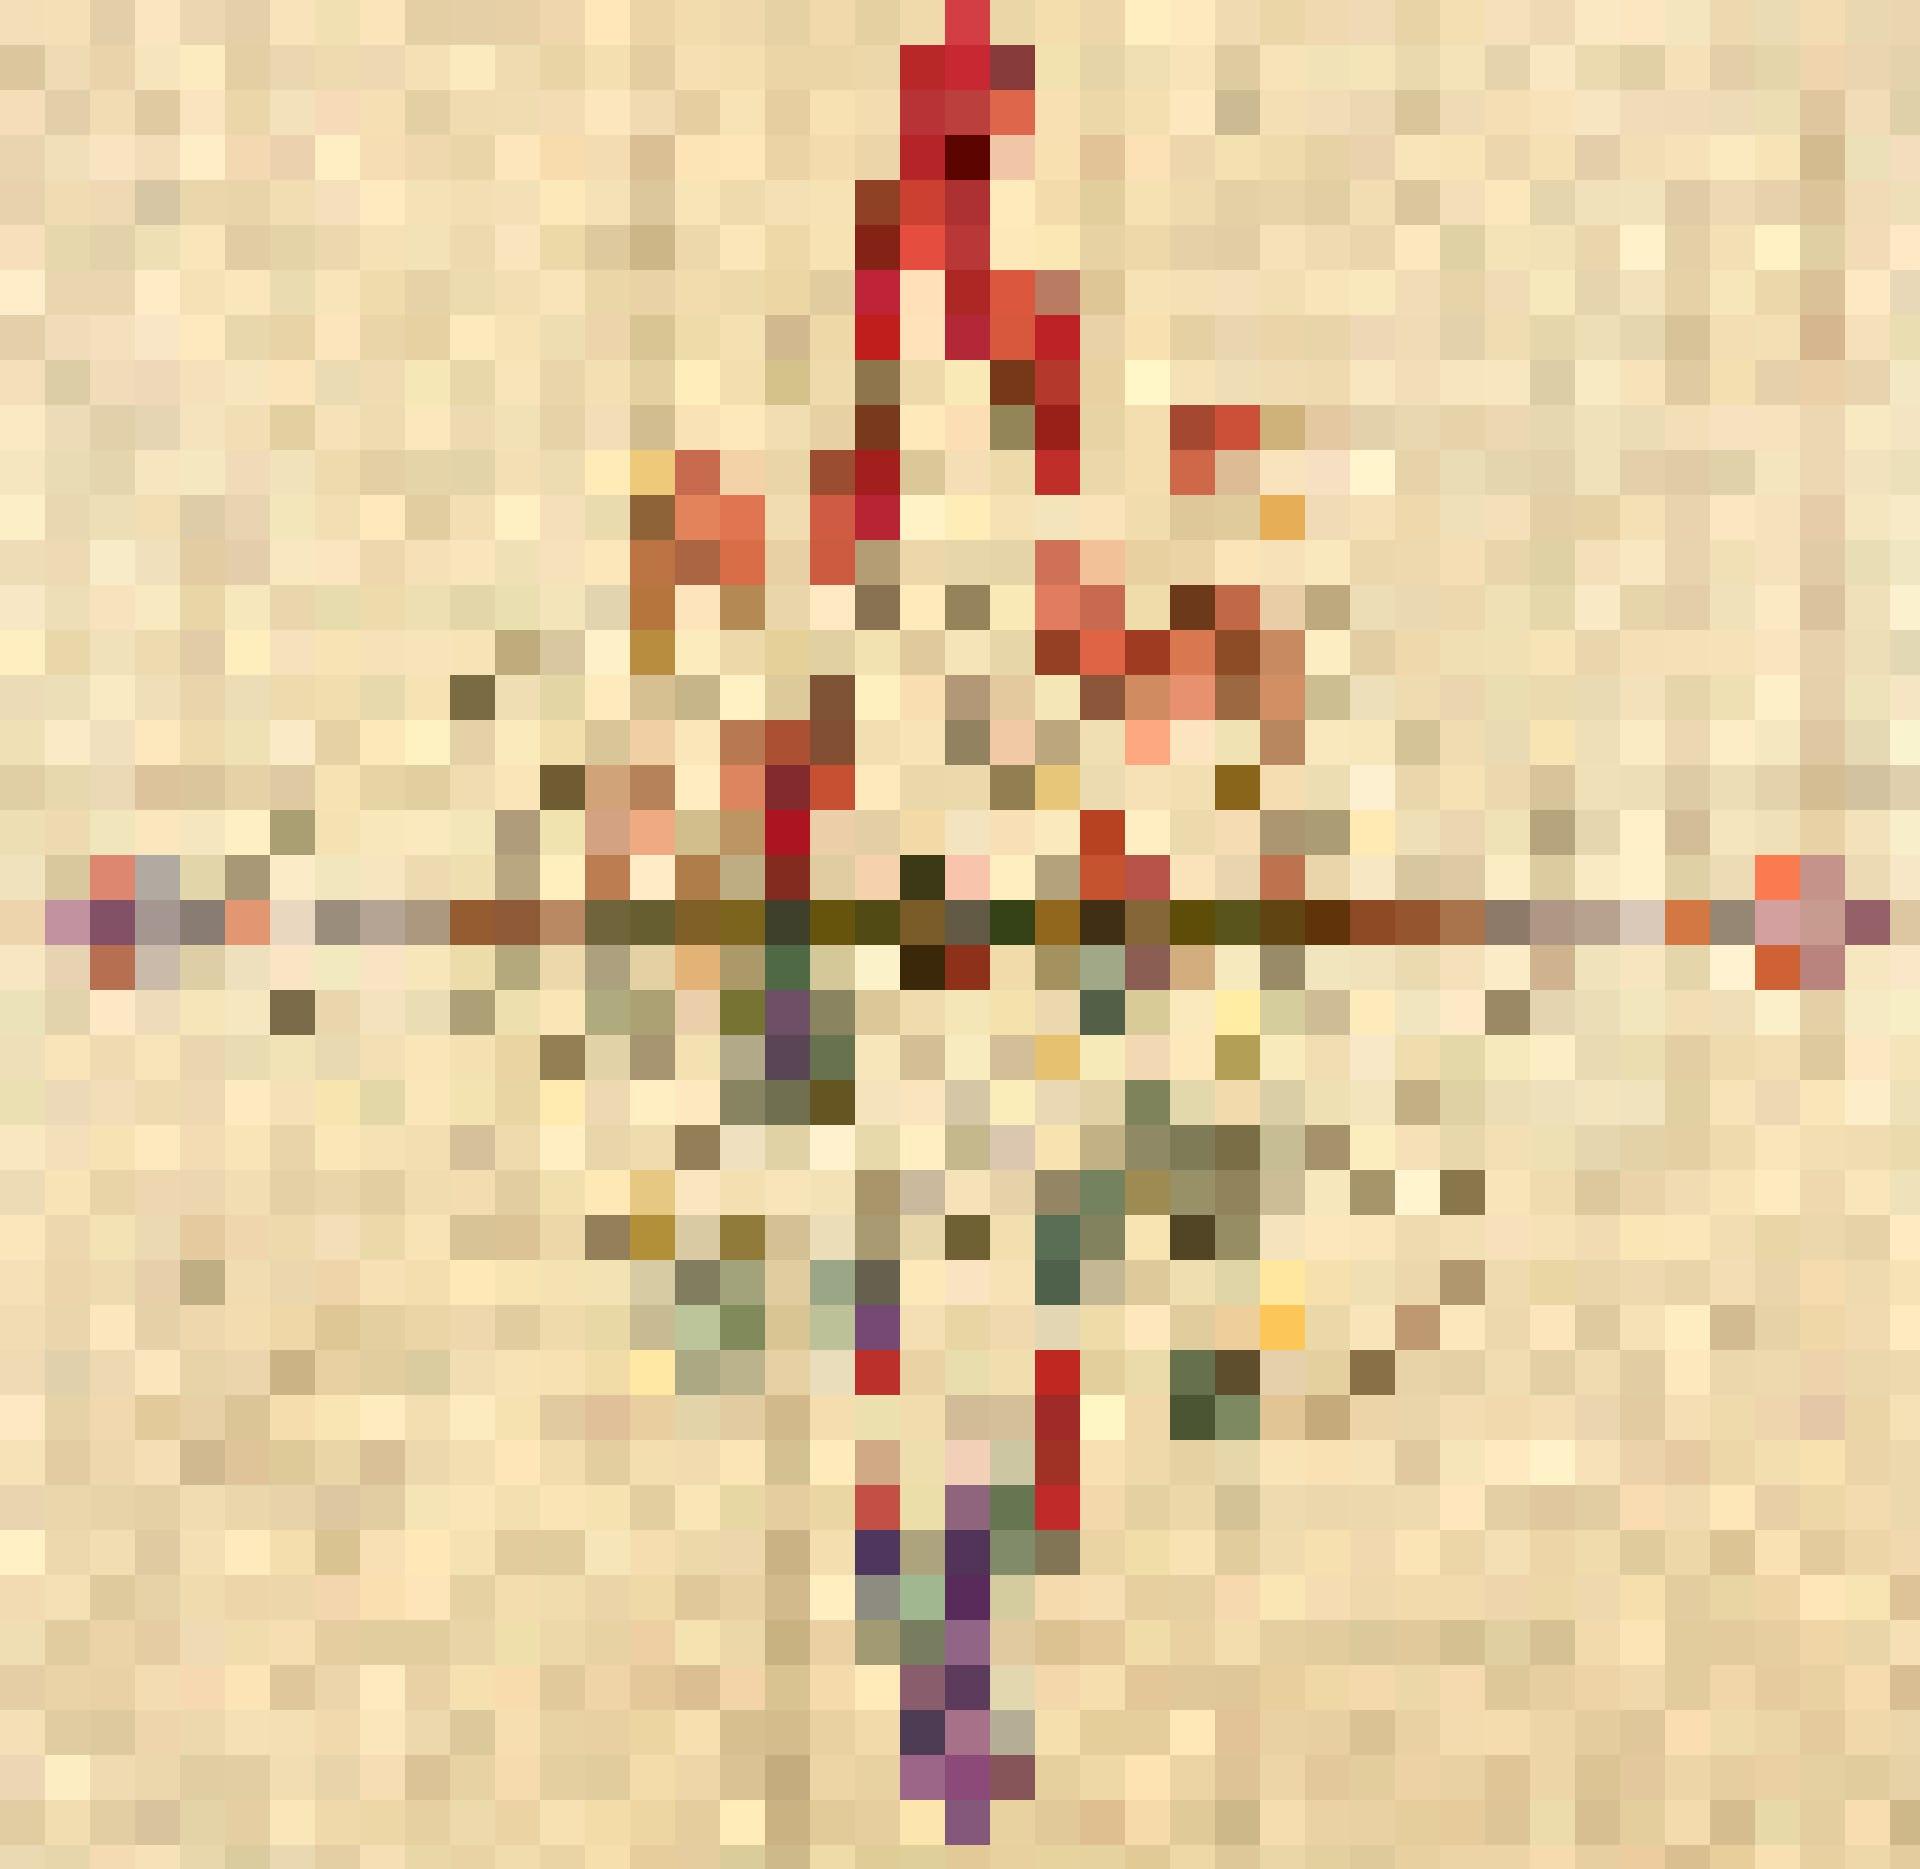 Auf Millimeterpapier kartographierte Antworten: Emma Kunz im Aargauer Kunsthaus.